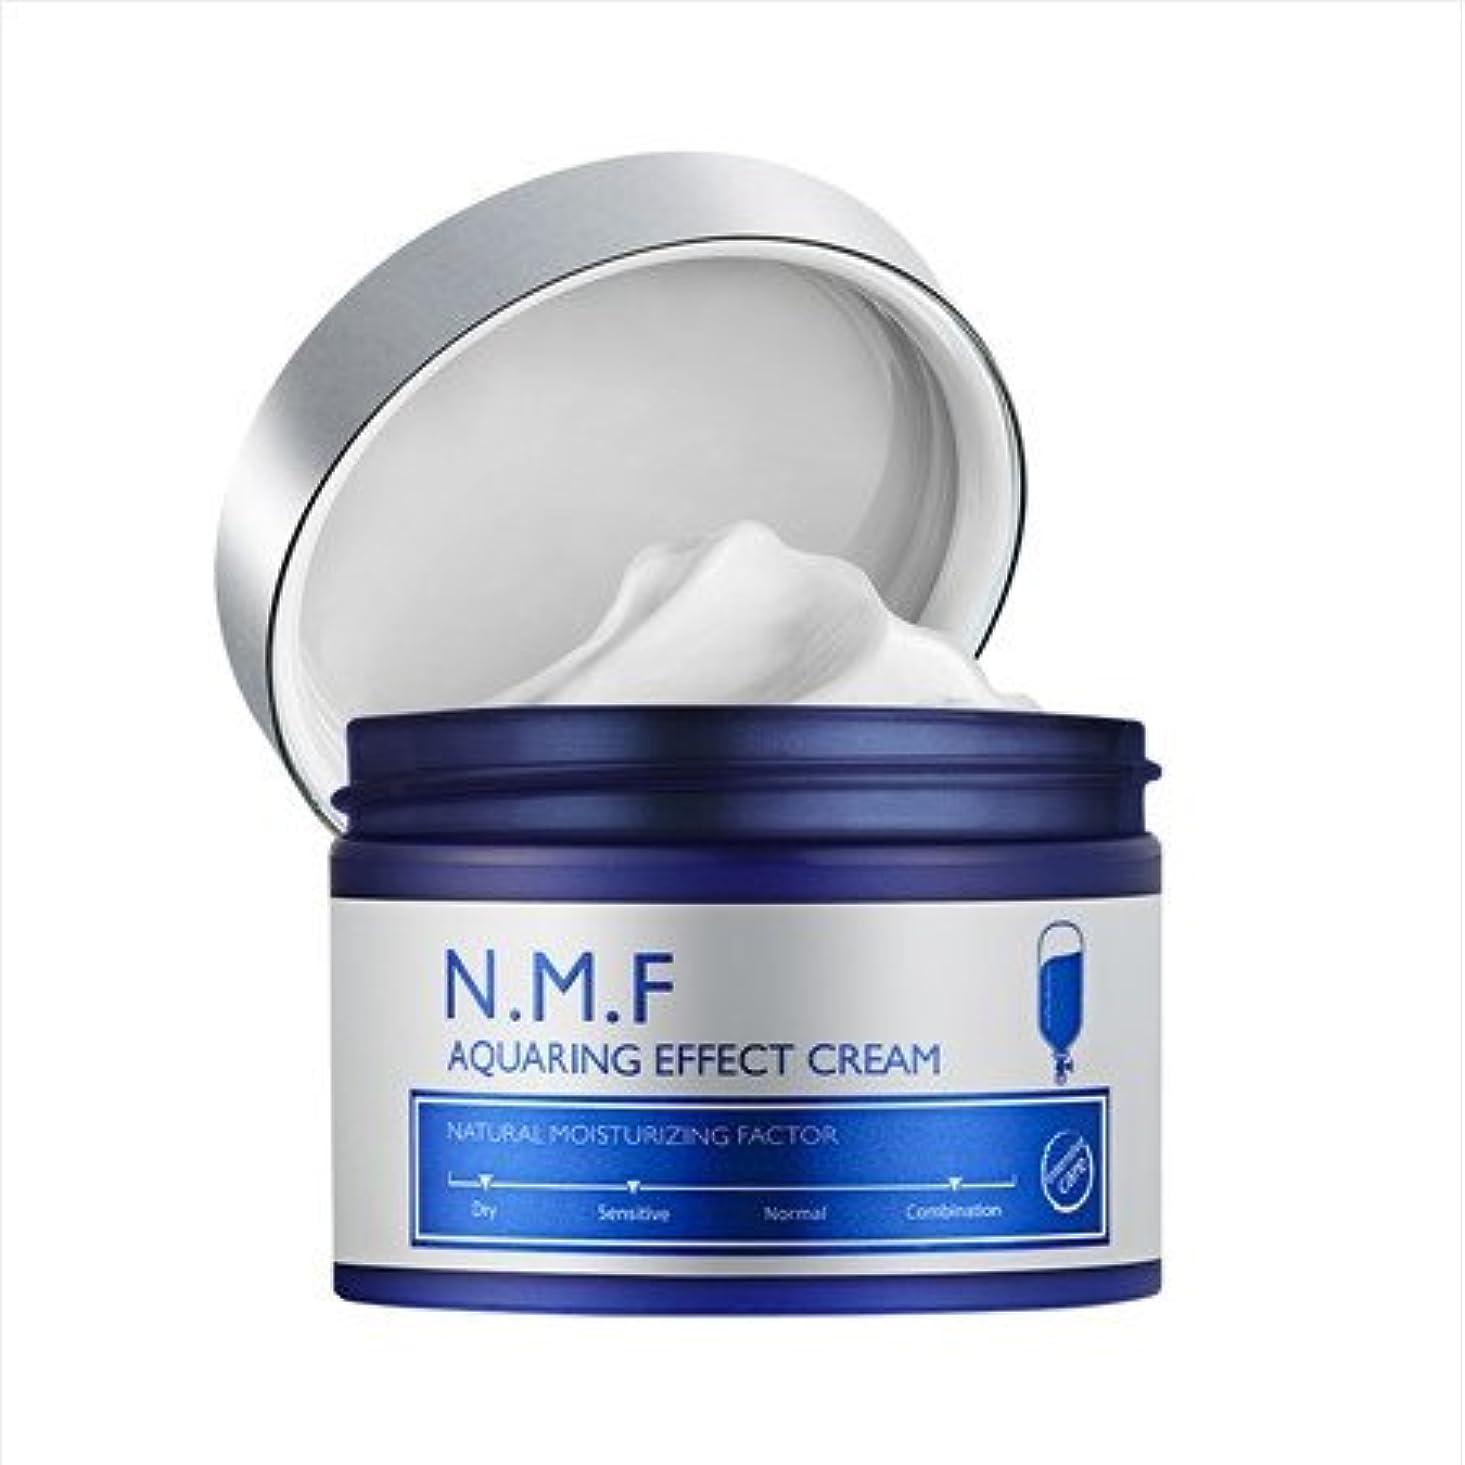 ブラシの面ではけがをするメディヒール Mediheal N.M.F クアリングエフェクトクリームNMF Aqua Ring Effect Cream 50ml [並行輸入品]